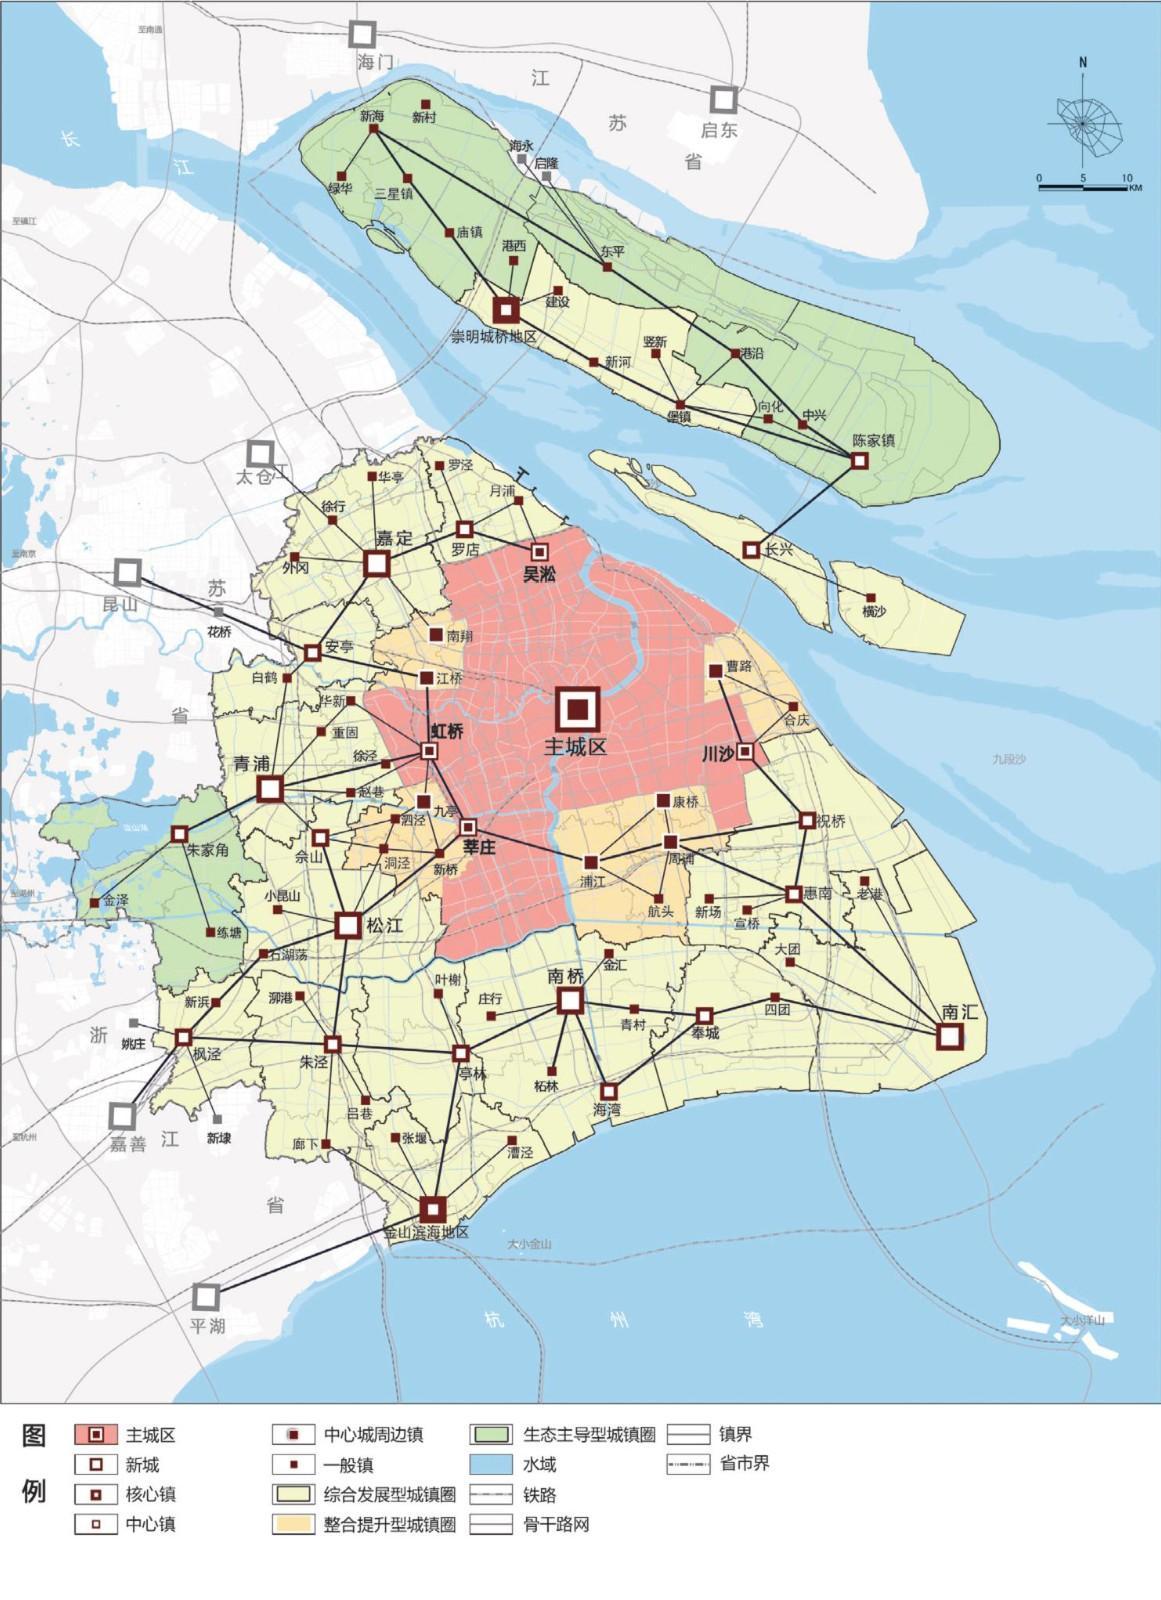 上海市城市总体规划(2016-2040) - 知乎